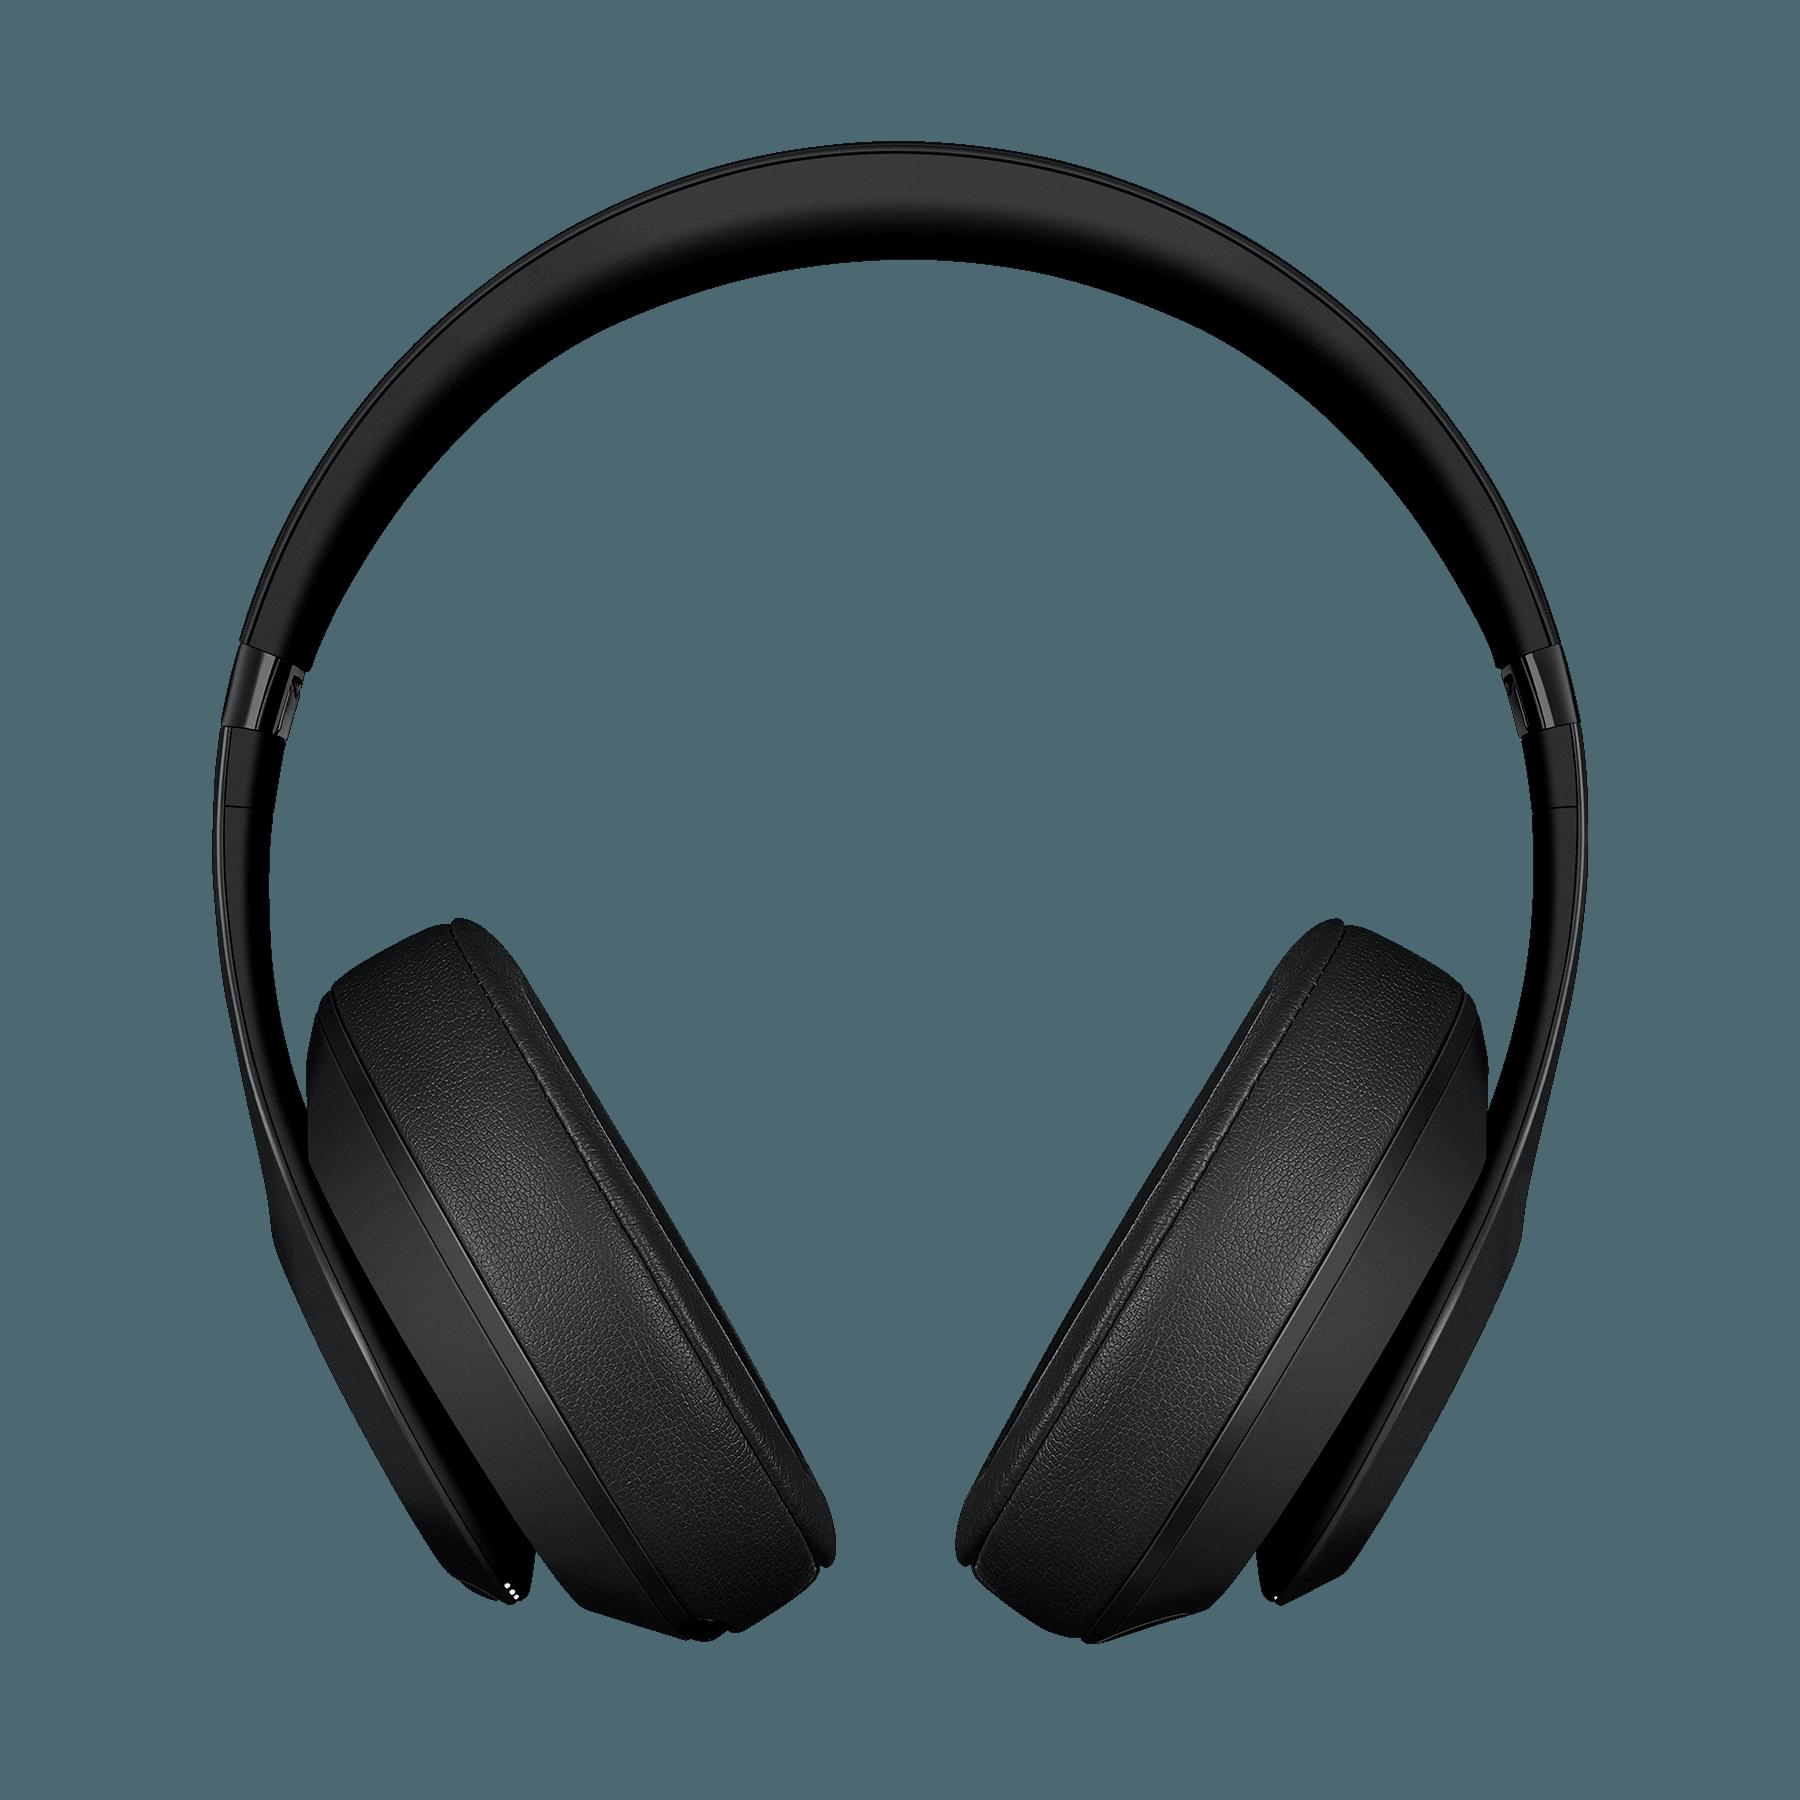 Beats Studio3 Wireless - Beats by Dre